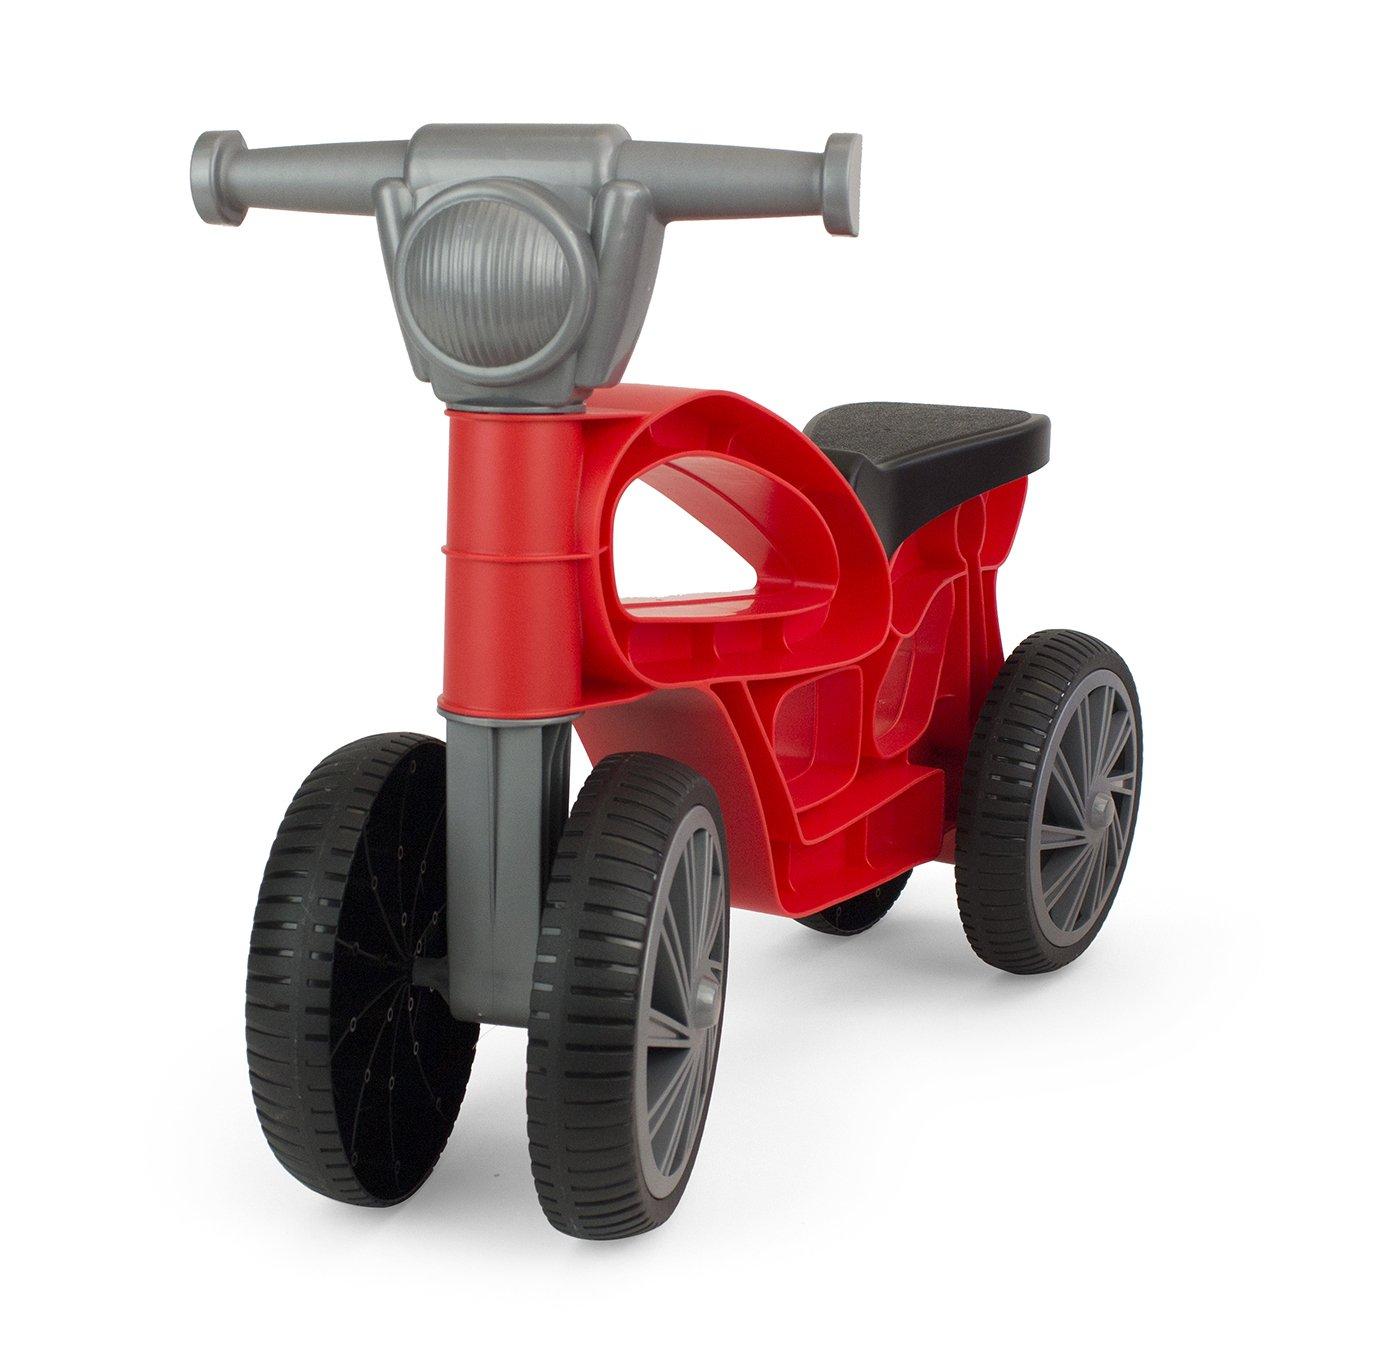 Chicos Correpasillos con 4 Ruedas Color Mini Custom roja Fábrica de Juguetes 36006: Amazon.es: Juguetes y juegos